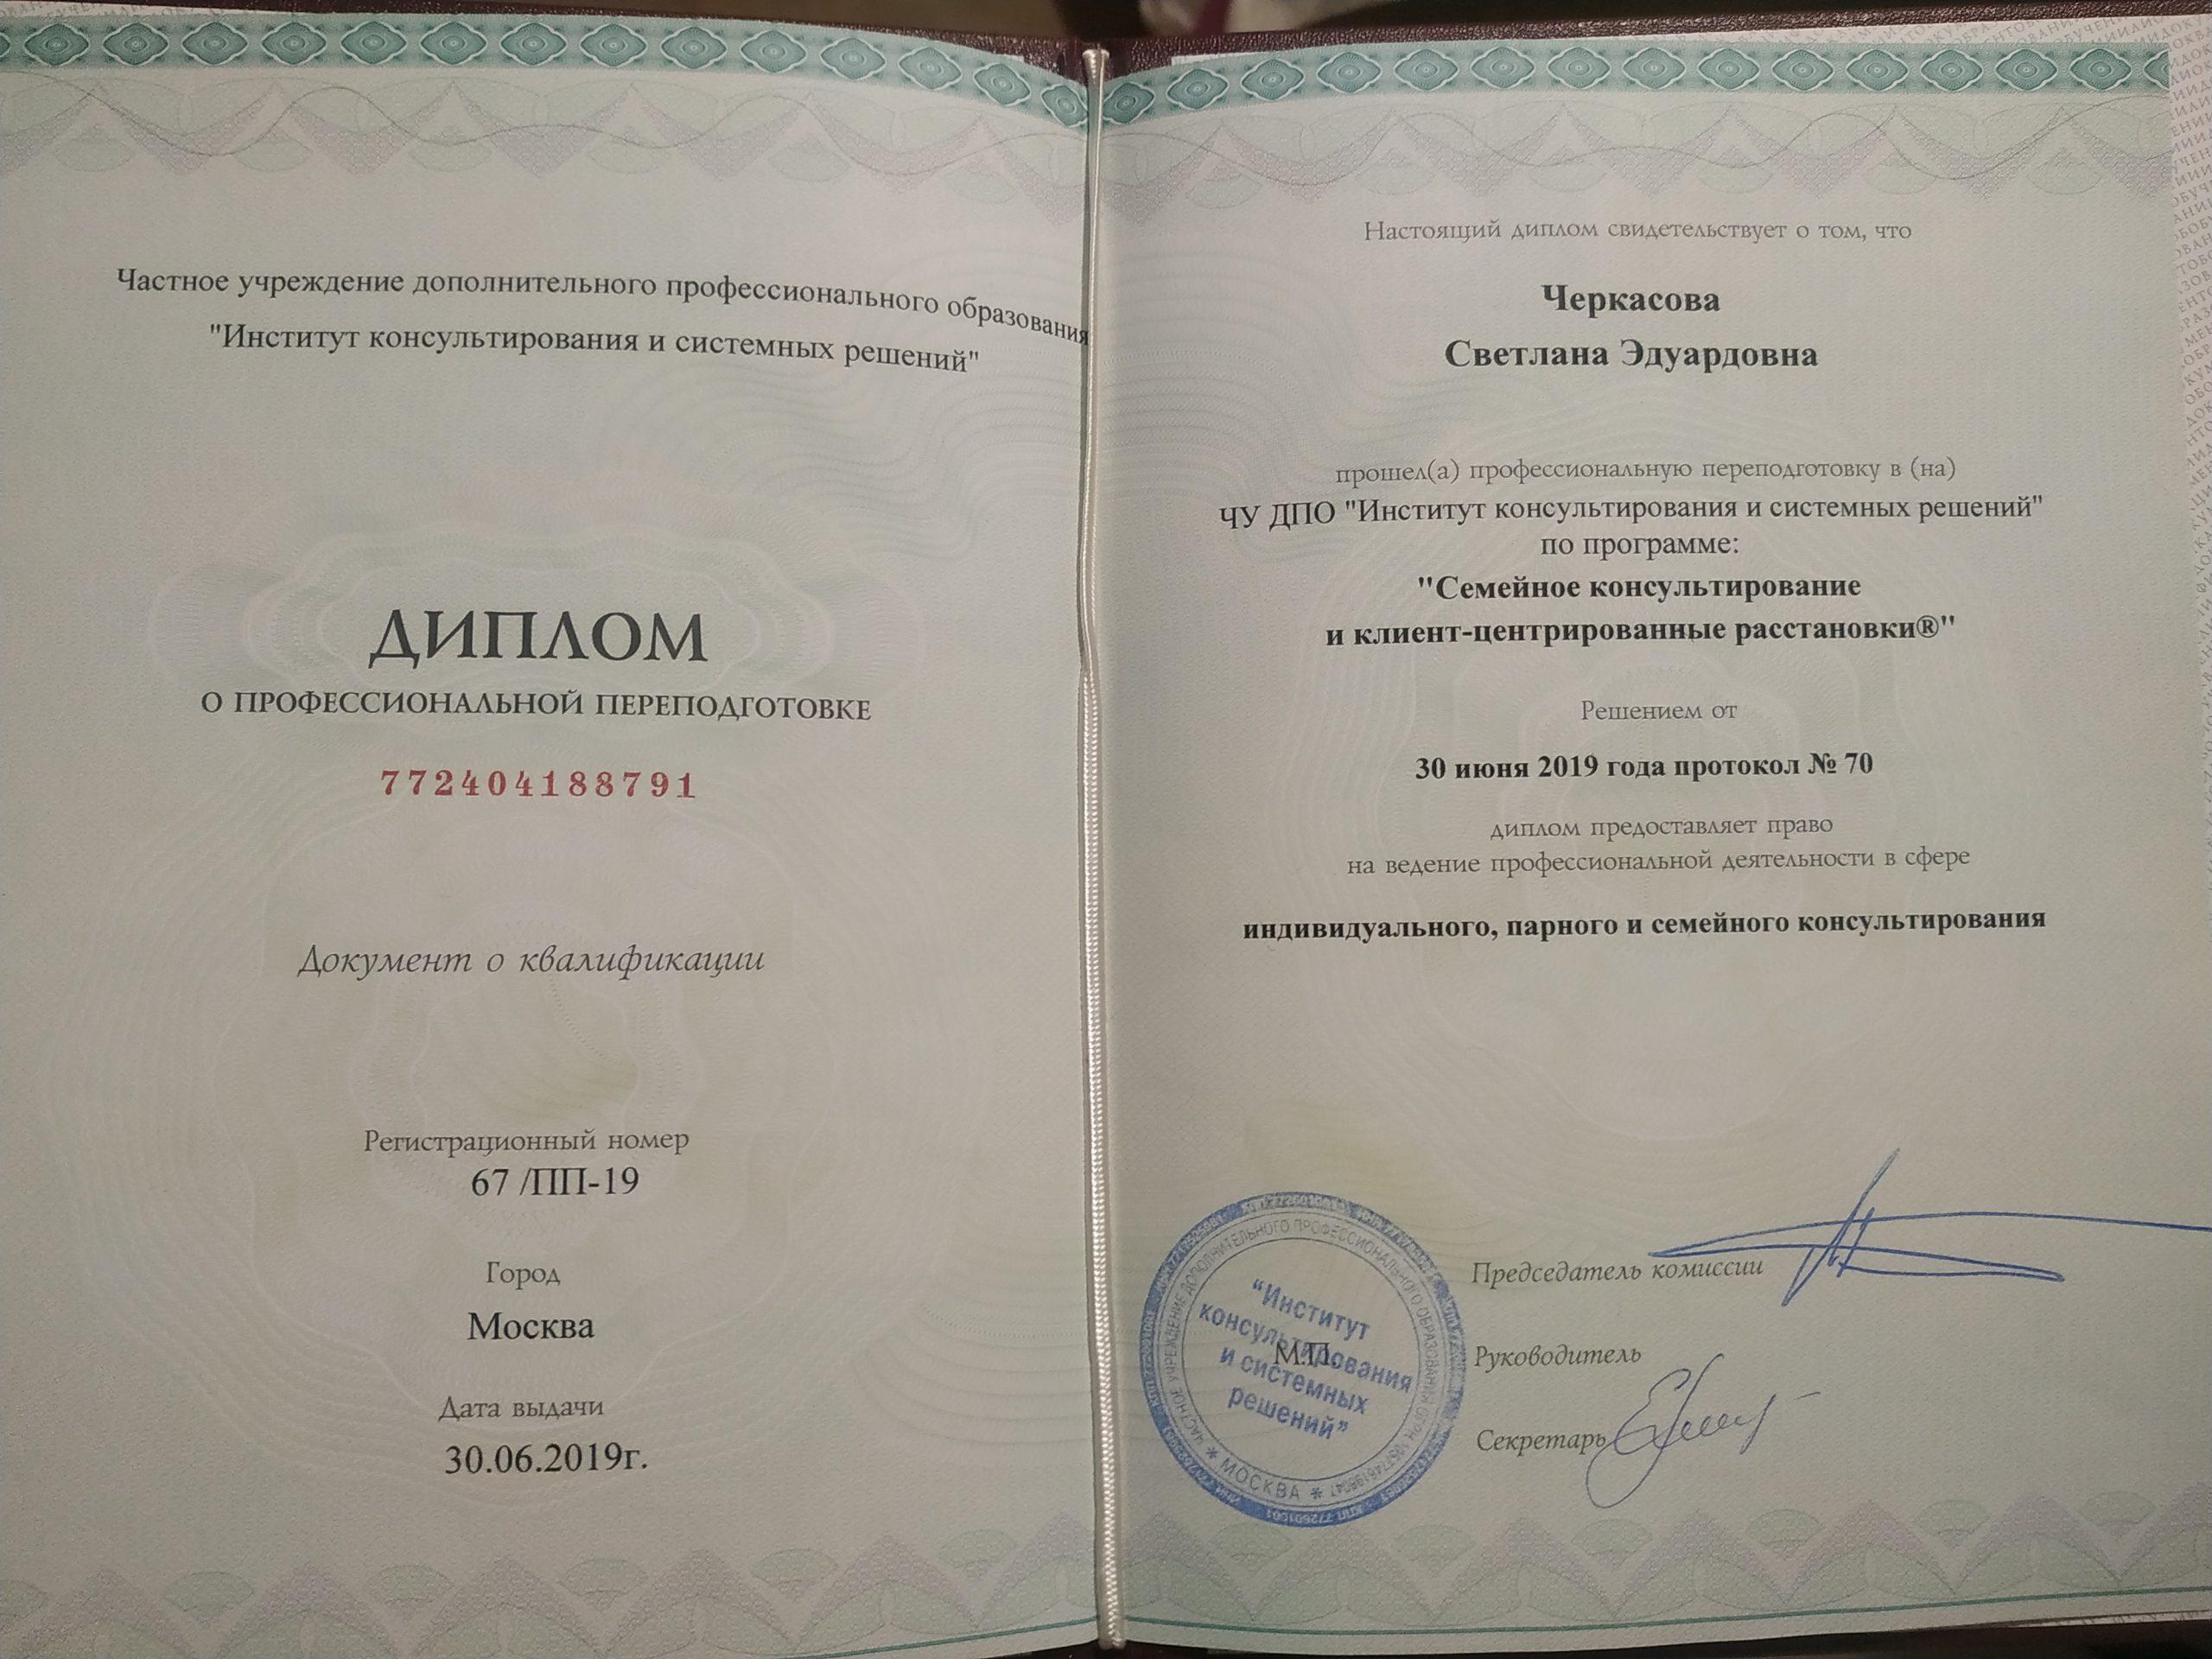 Diplom-rasstanovshika